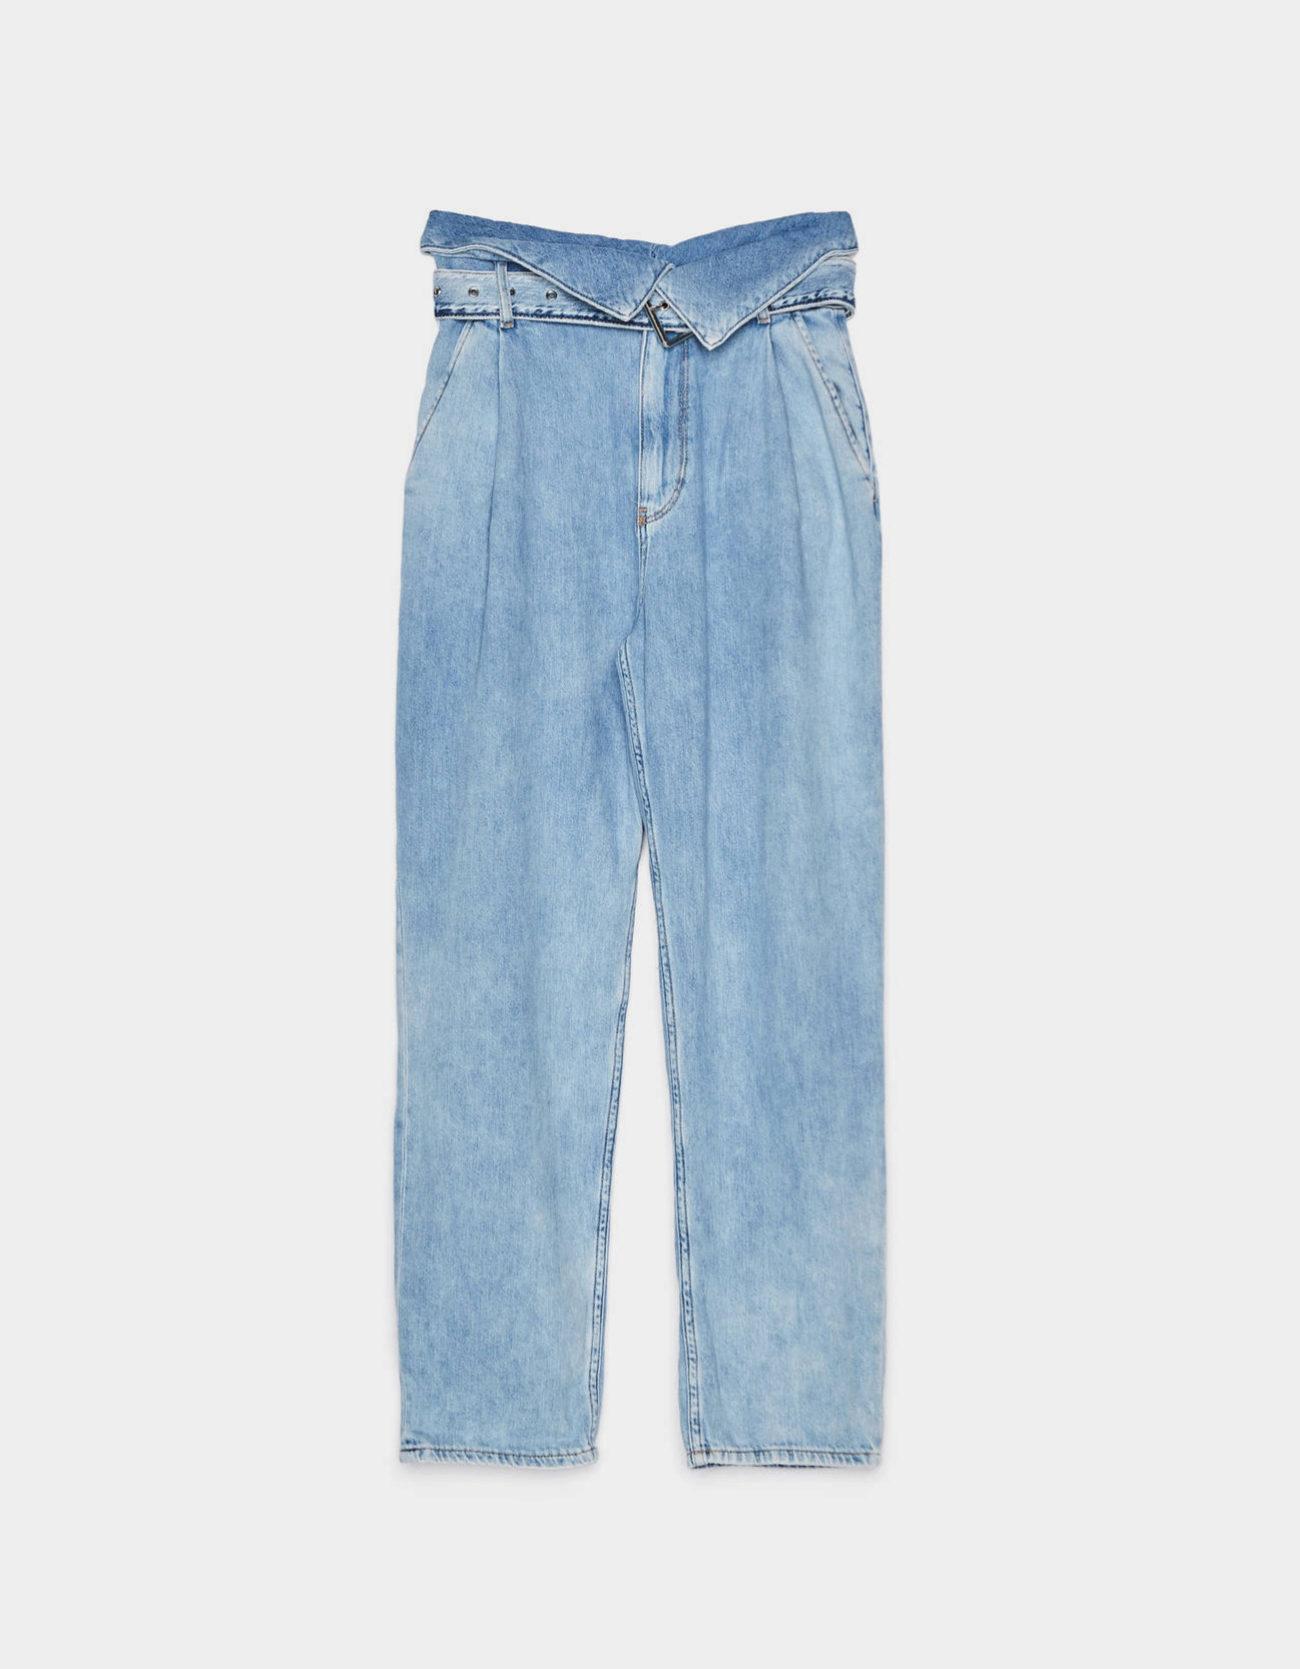 Jeans de corte mum de la colección Festival de Bershka (35,99¤)